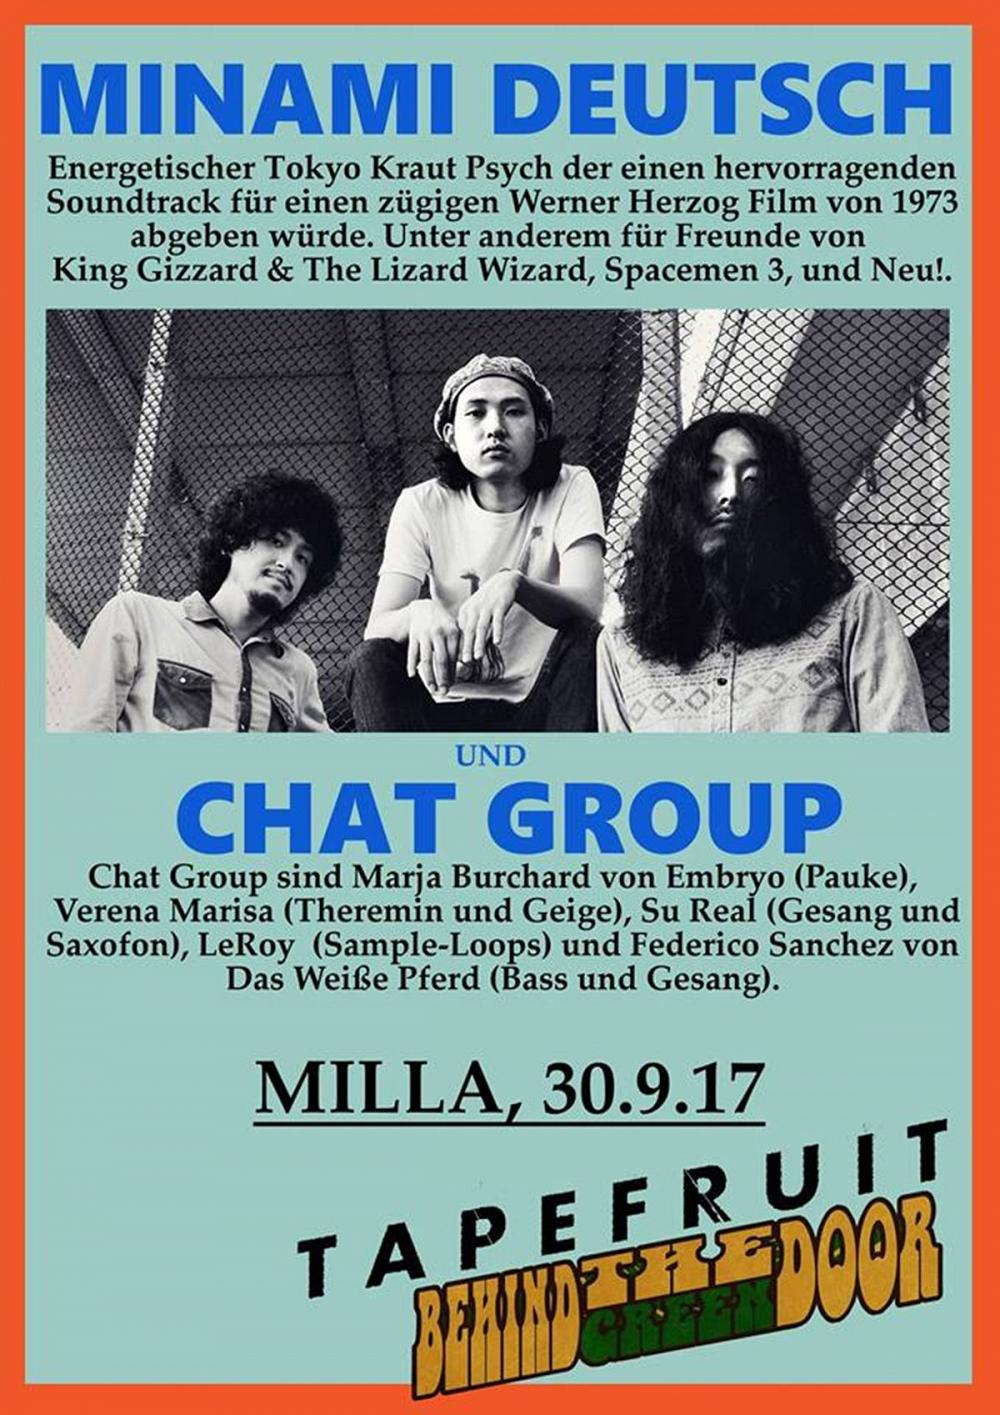 Tapefruit Konzert: Minami Deutsch + Chat Group | 30.09.2017 @ Milla Club